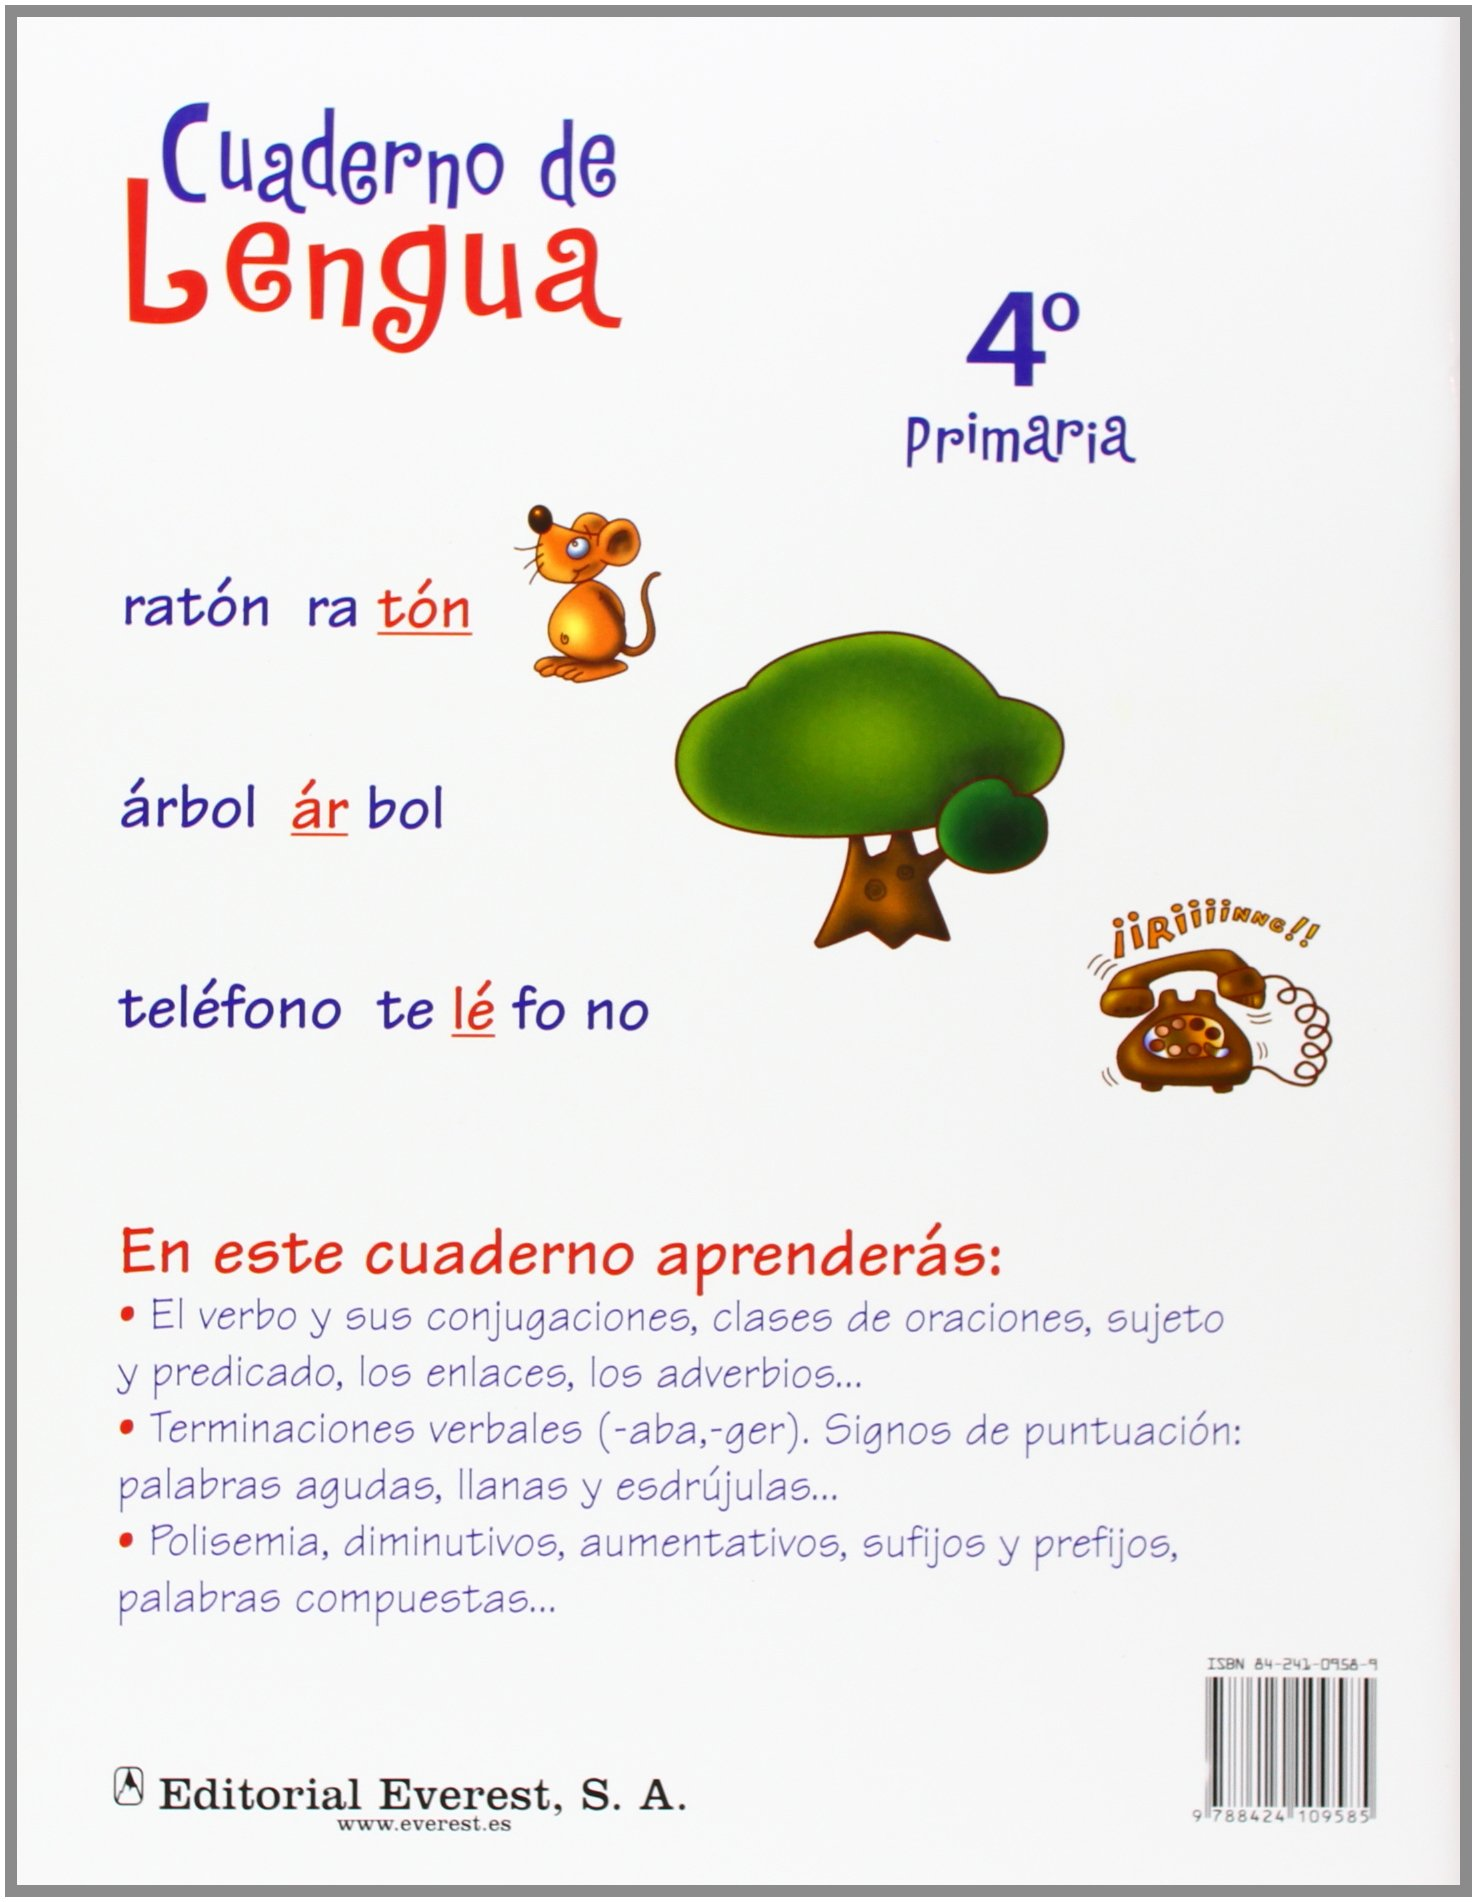 Cuaderno de Lengua 4º Primaria Cuadernos de lengua primaria - 9788424109585: Amazon.es: Muñoz Moro Beatriz: Libros